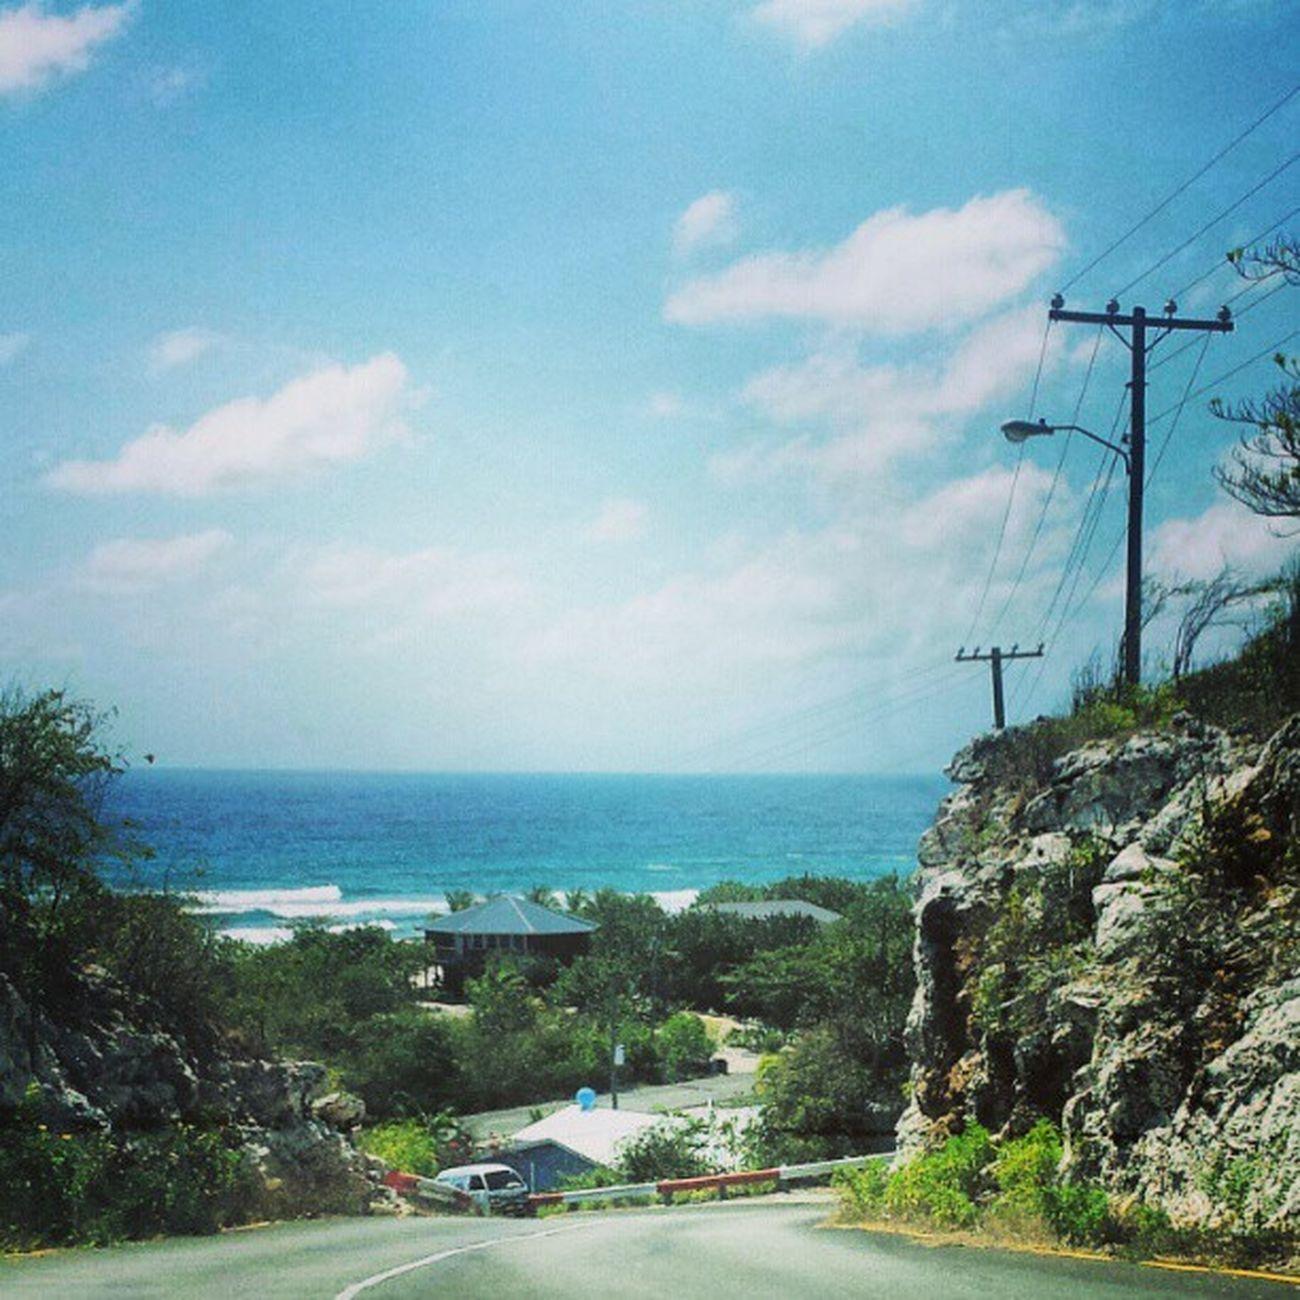 Caymanbrac Southside Drive Caribbean CaymanIslands sea sunshine road ride islandgroove island iloveislands sisterislands bluesky clouds bluesea